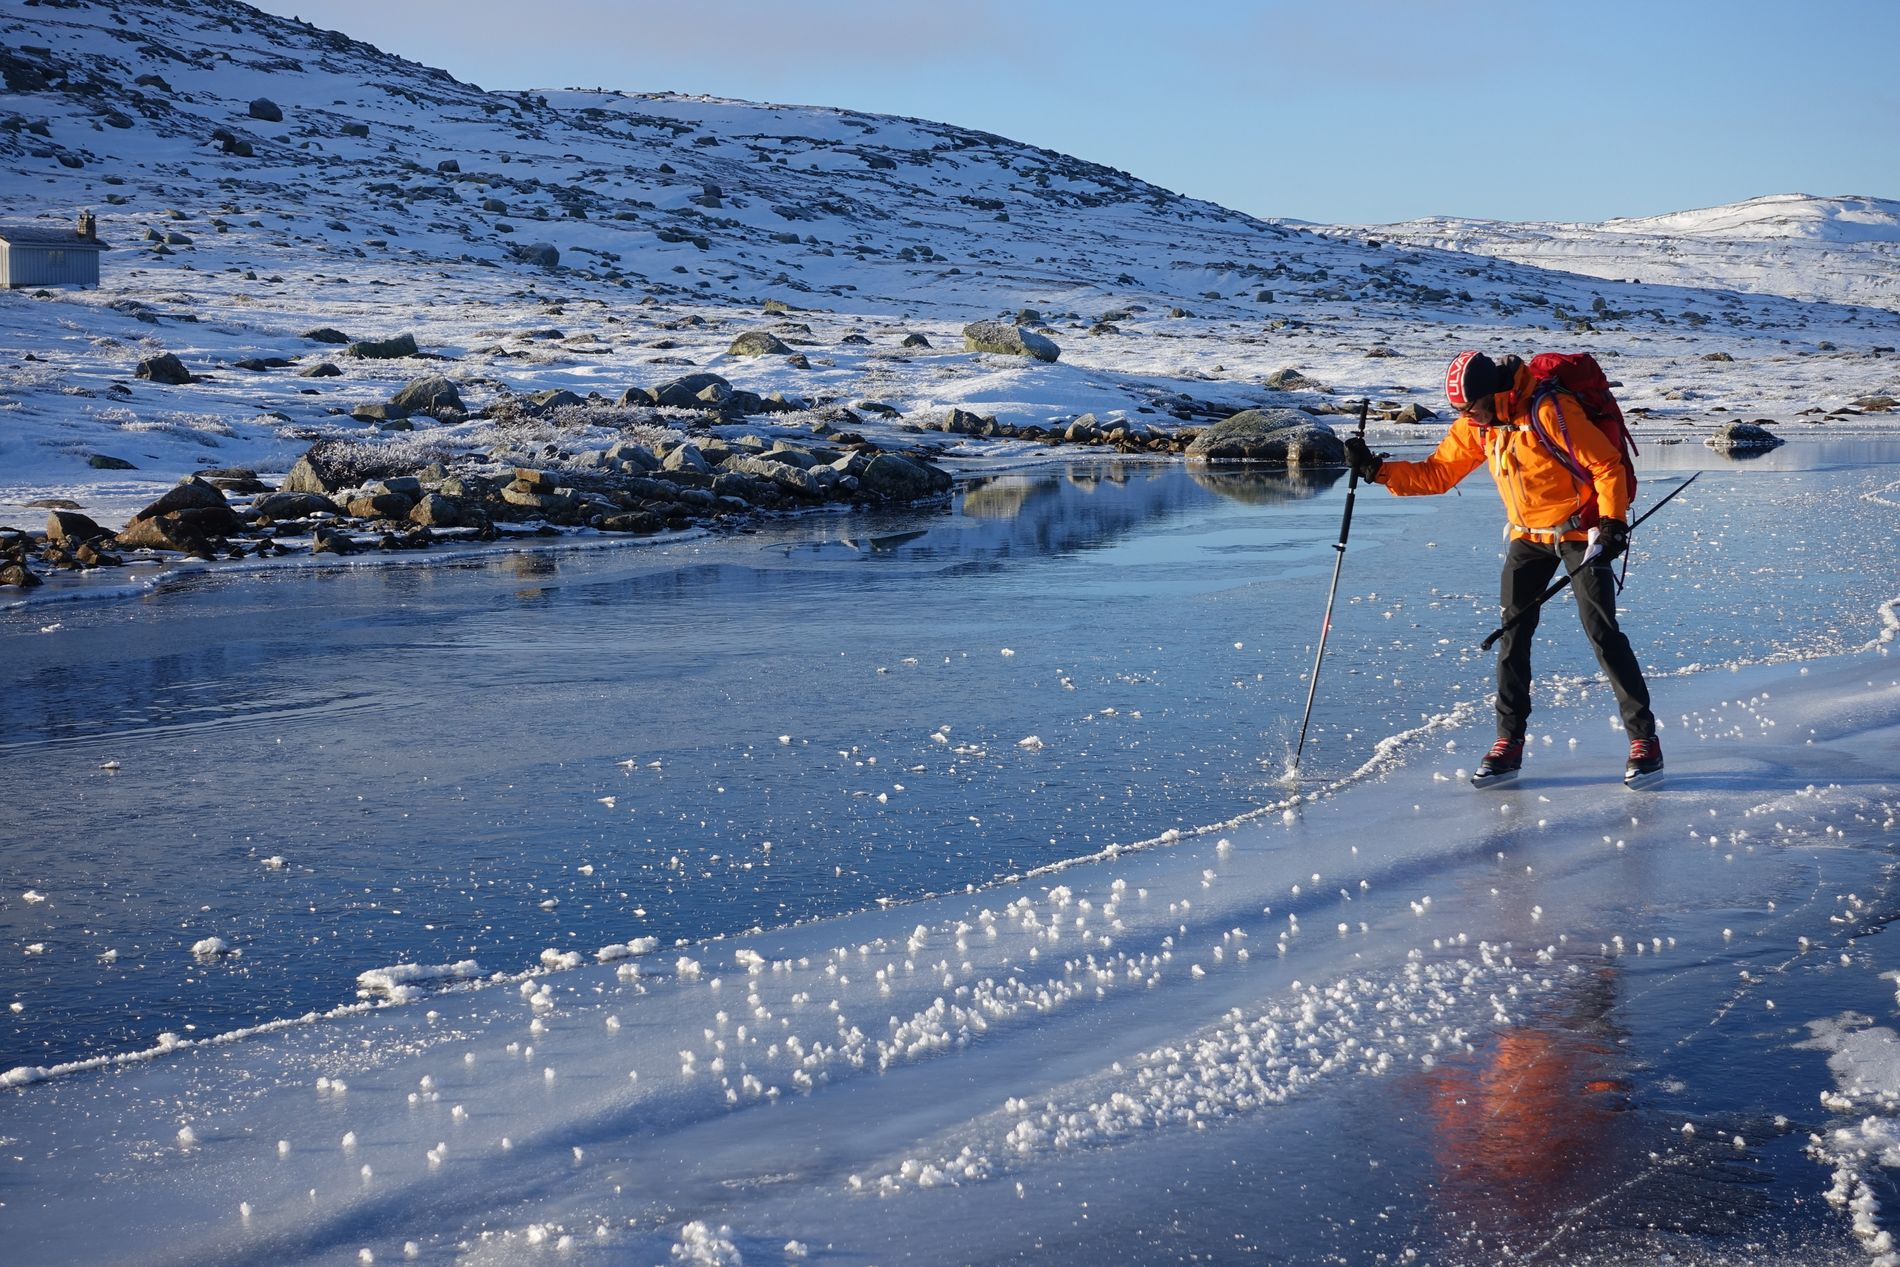 ISTEST: Fyrst og fremst gjeld det å gå med ispiggar rundt halsen og isstav i handa. Slik kan ein raskt og enkelt sjekke isen etter kvart som ein går, og snu i tide, skriv innsendaren. Her er entusiastane i ferd med å teste isen på Hardangervidda.